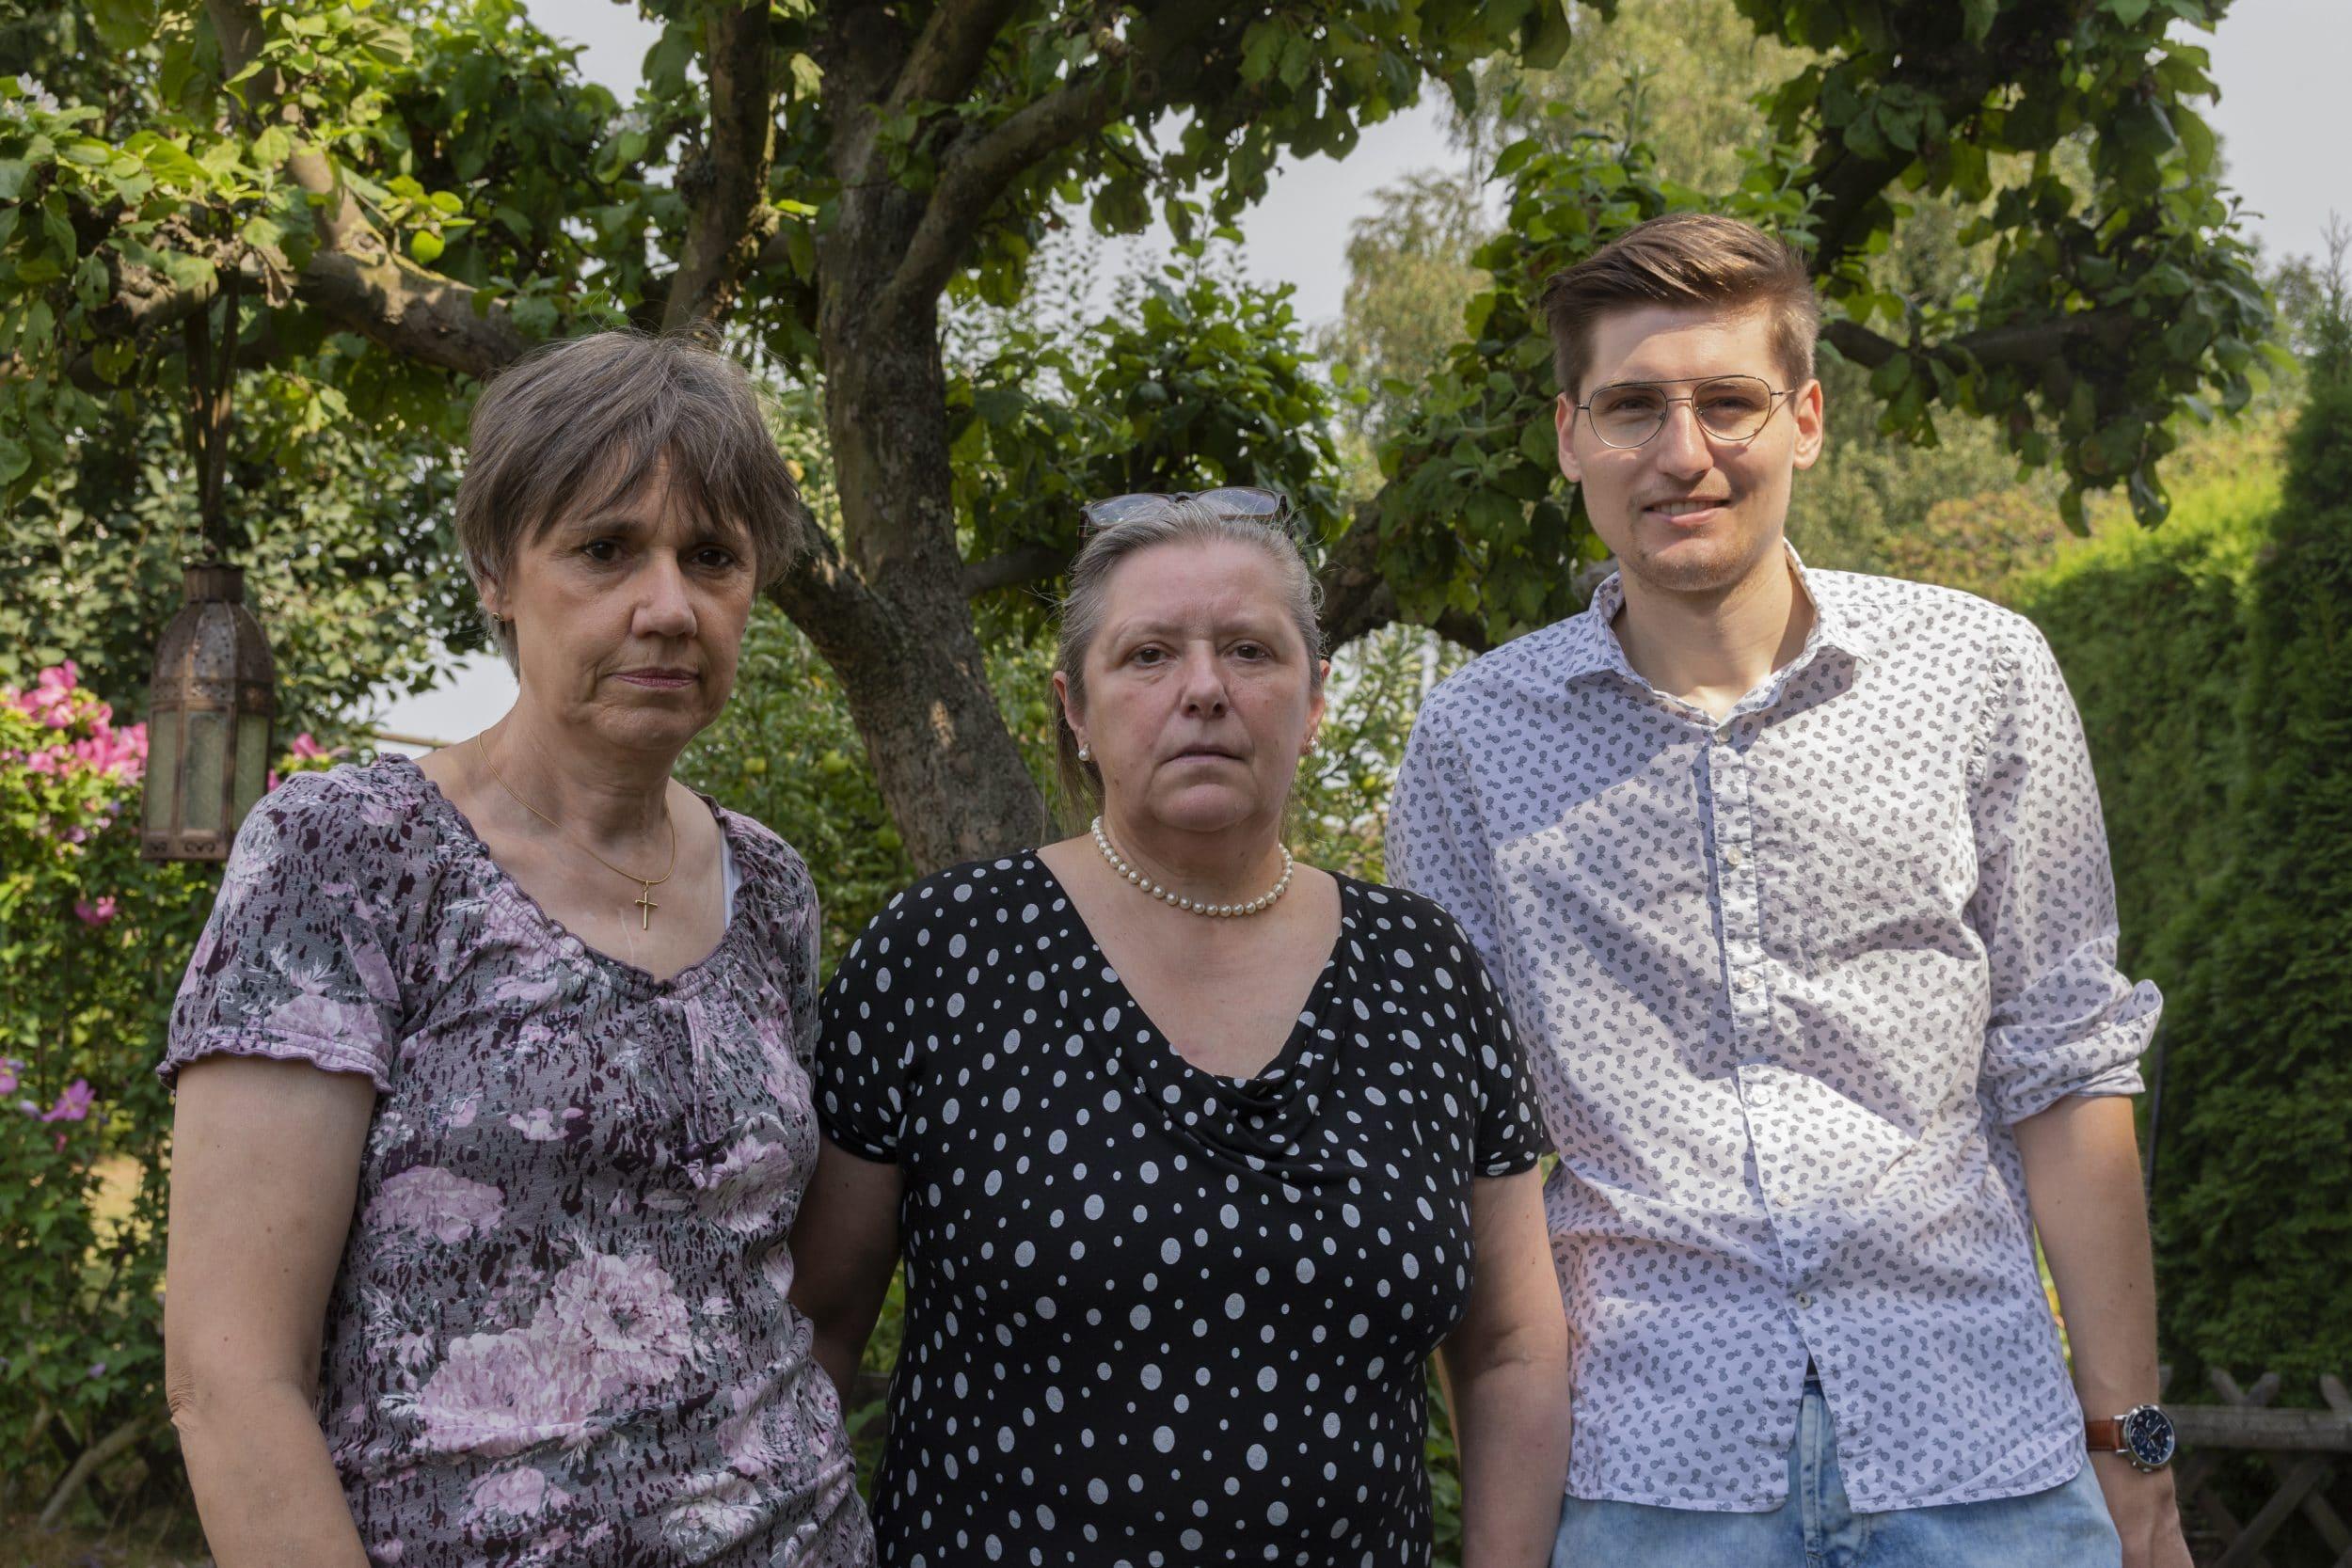 In Lüdos CDU fliegen ausgerechnet vor der Kommunalwahl die Fetzen: Petra Trümper (Mitte), ihr ehemaliger Vize Daniel Schürhoff sowie Barbara Hofmann haben ihrer Partei den Rücken gekehrt. (Foto: IN-StadtMagazine)